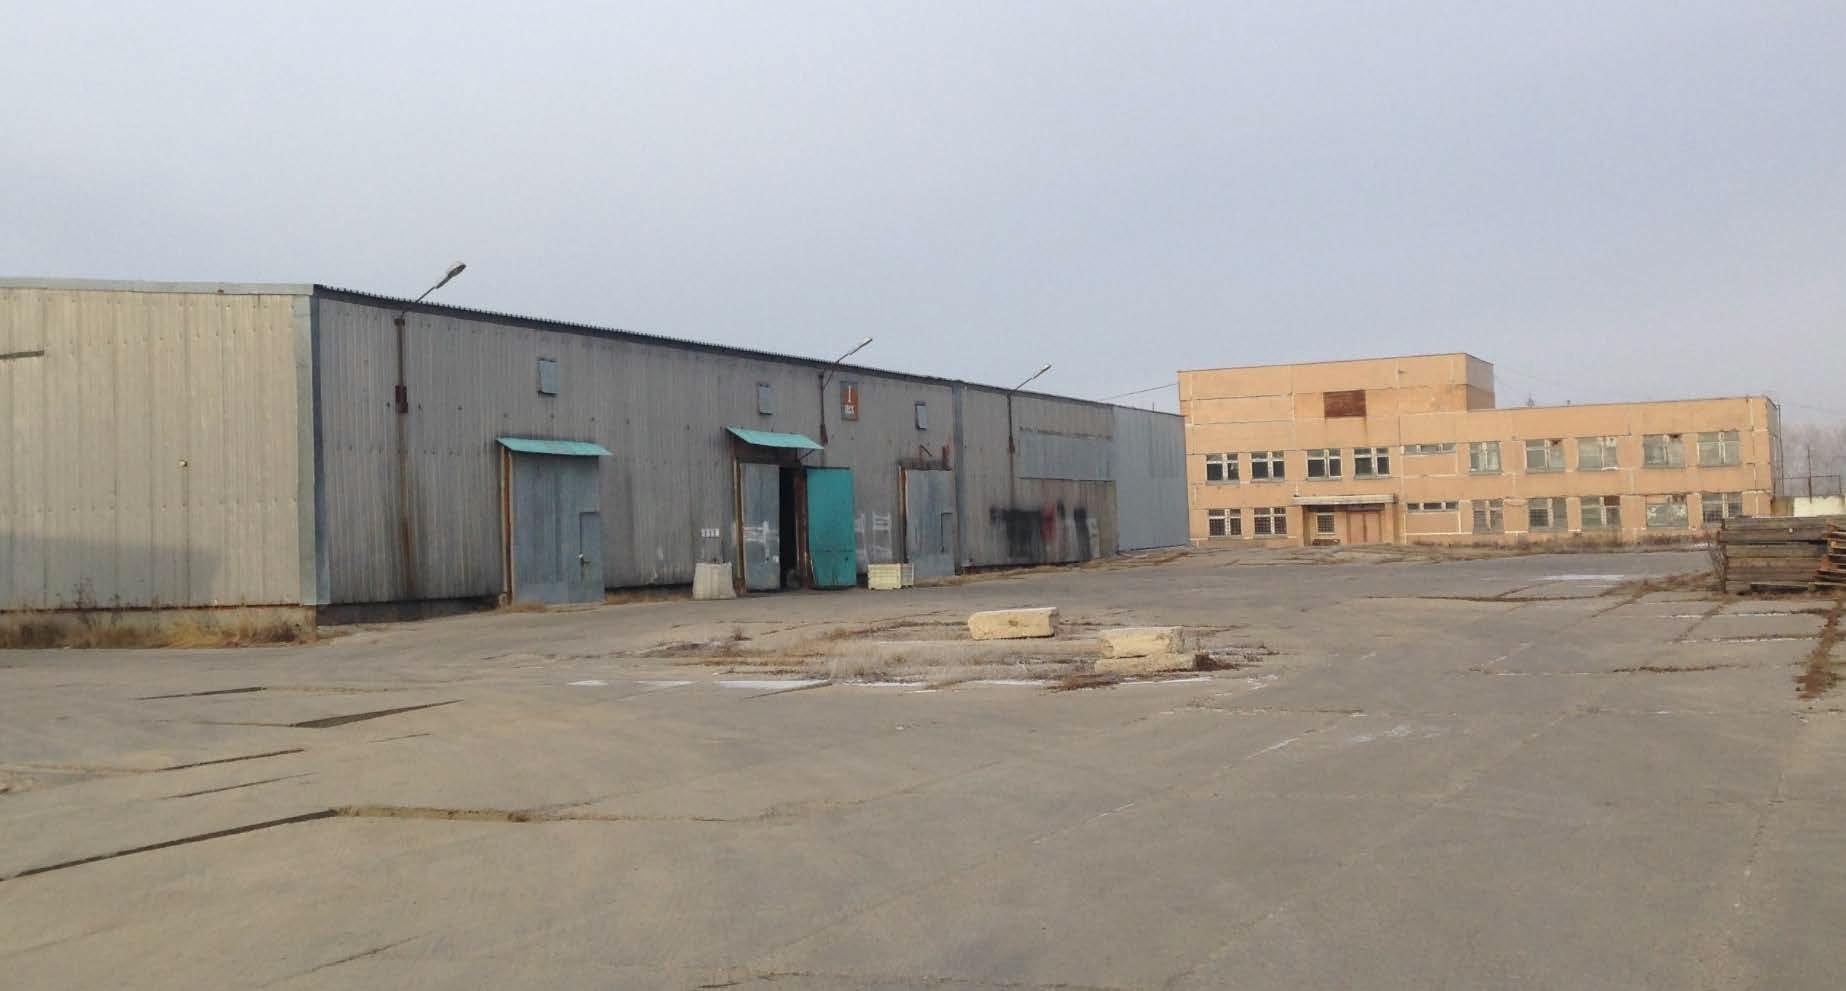 Продаю складской комплекс на участке земли 9га  вблизи г.Ступино